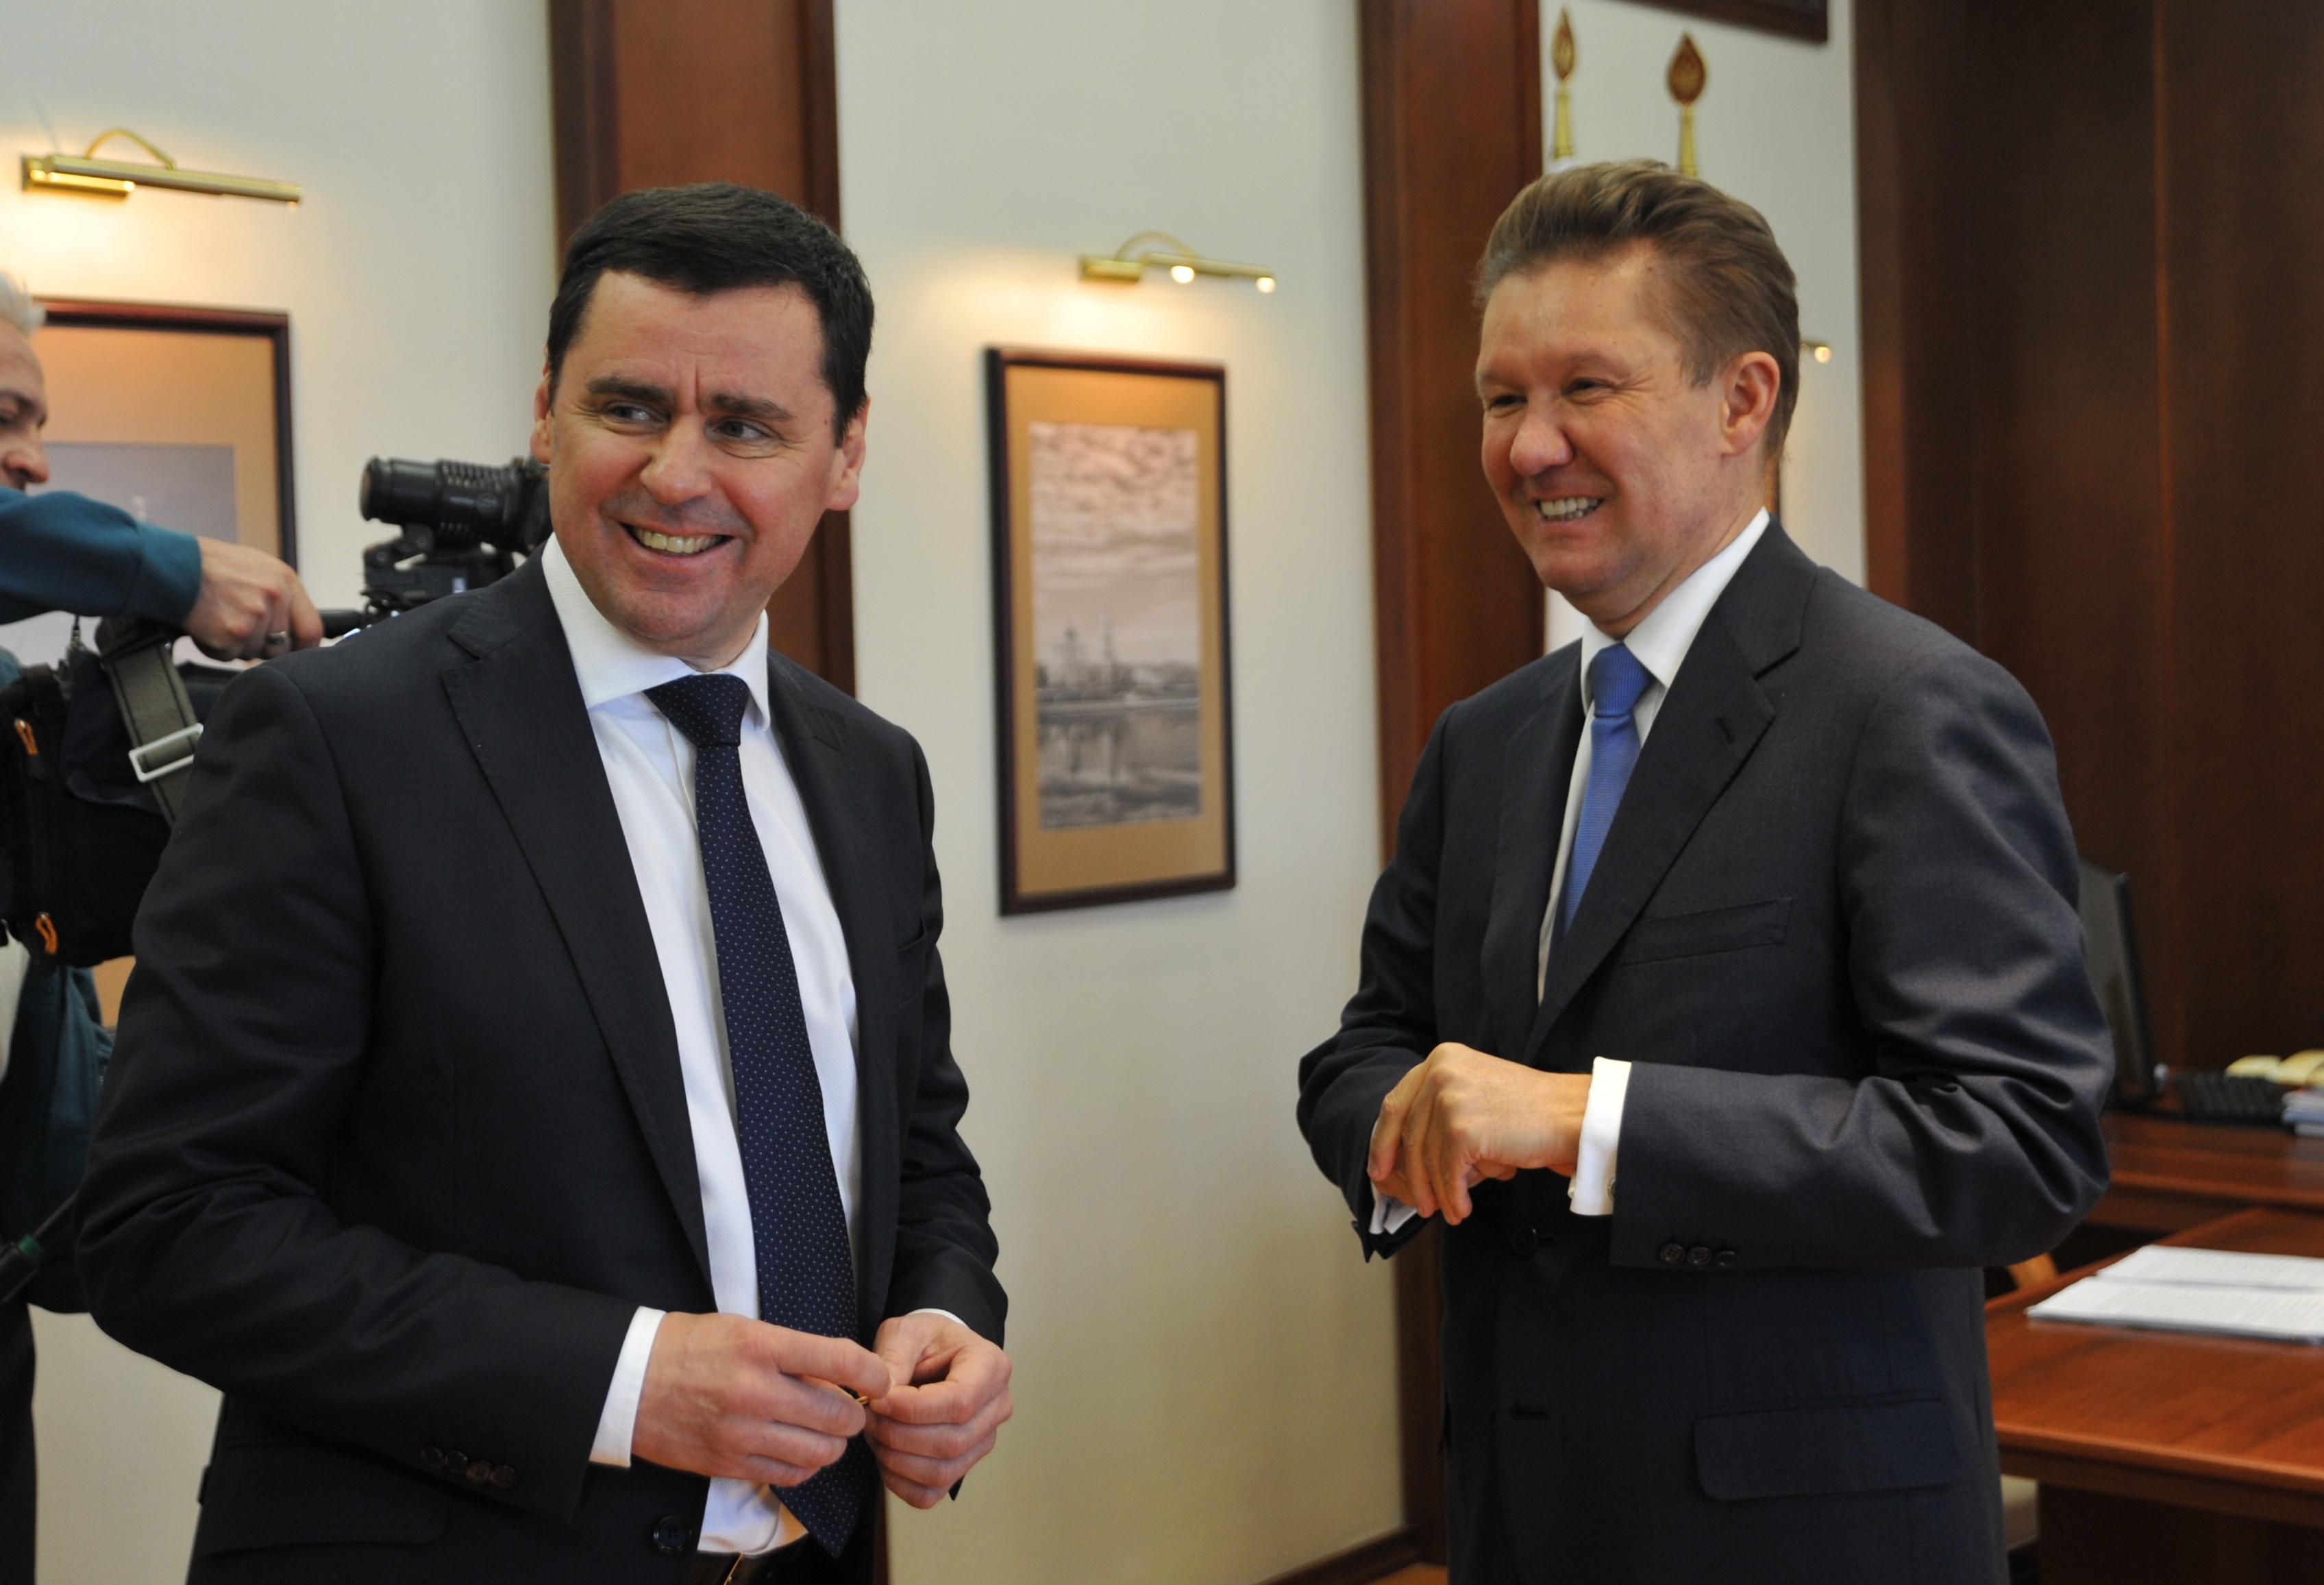 Глава «Газпрома» Алексей Миллер в Ярославле: инвестиции на 3,3 млрд, строительство завода в Большесельском районе и 25 физкультурно-спортивных объектов